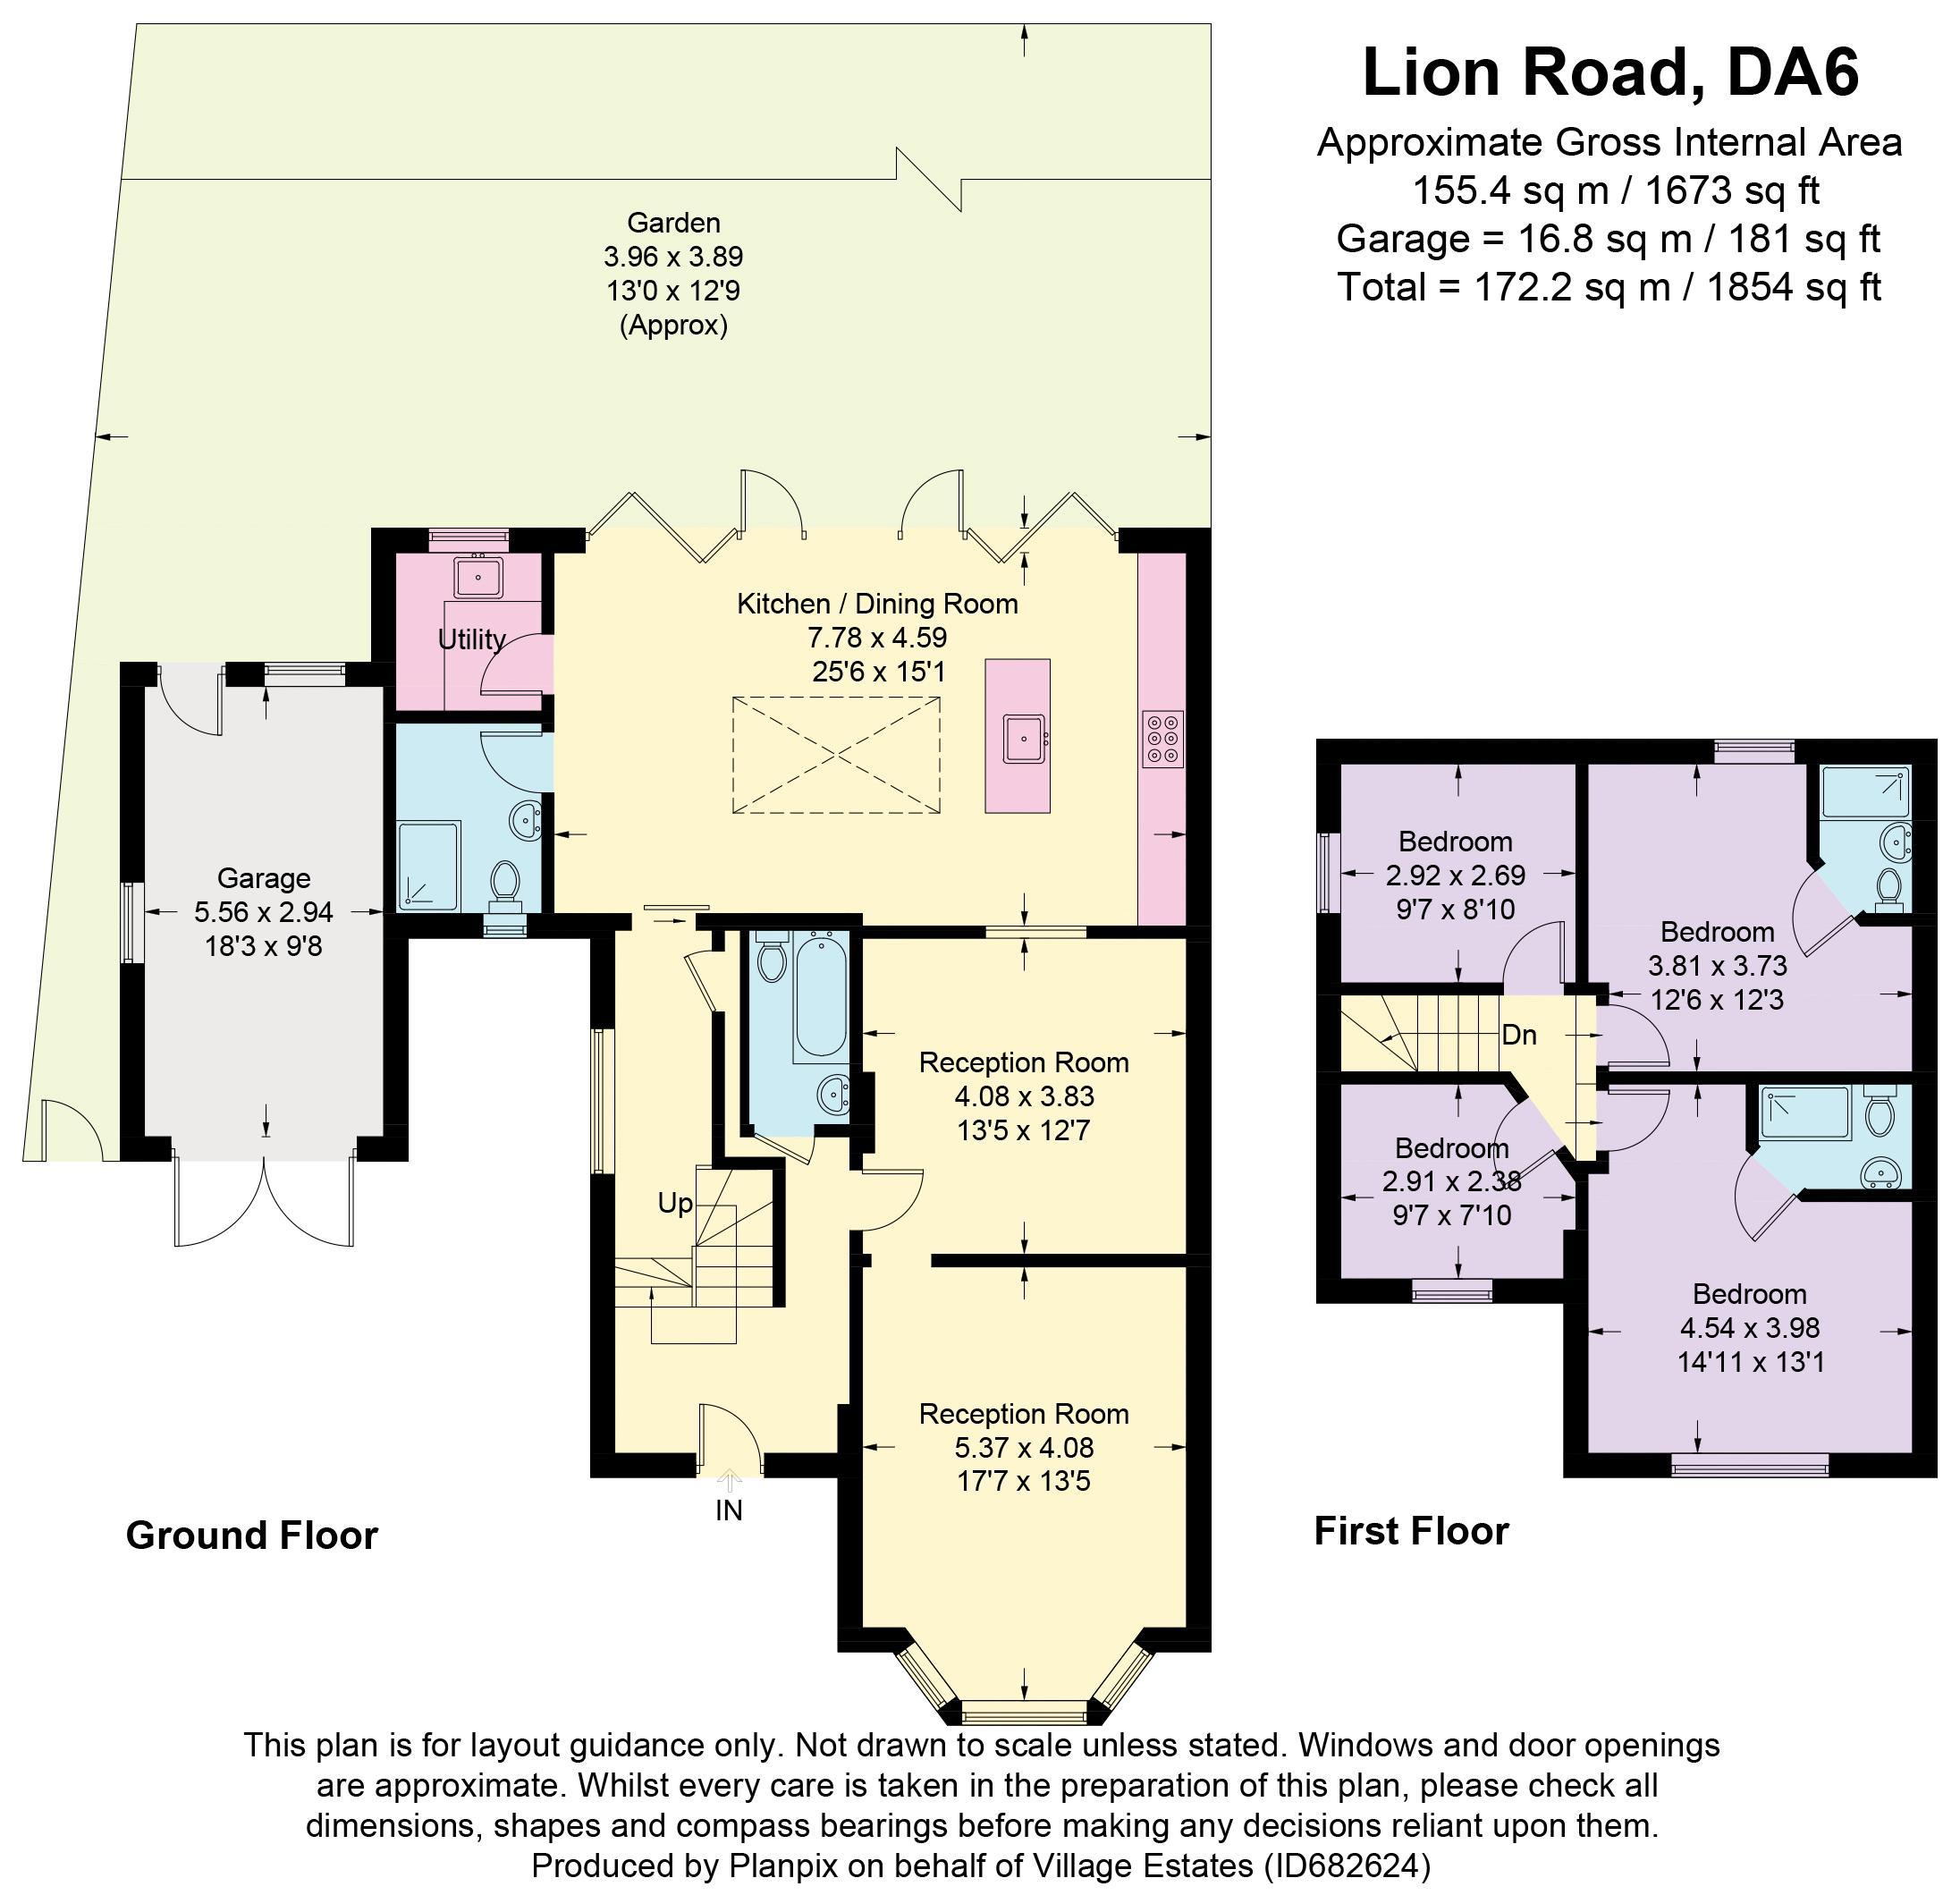 106 Lion Road